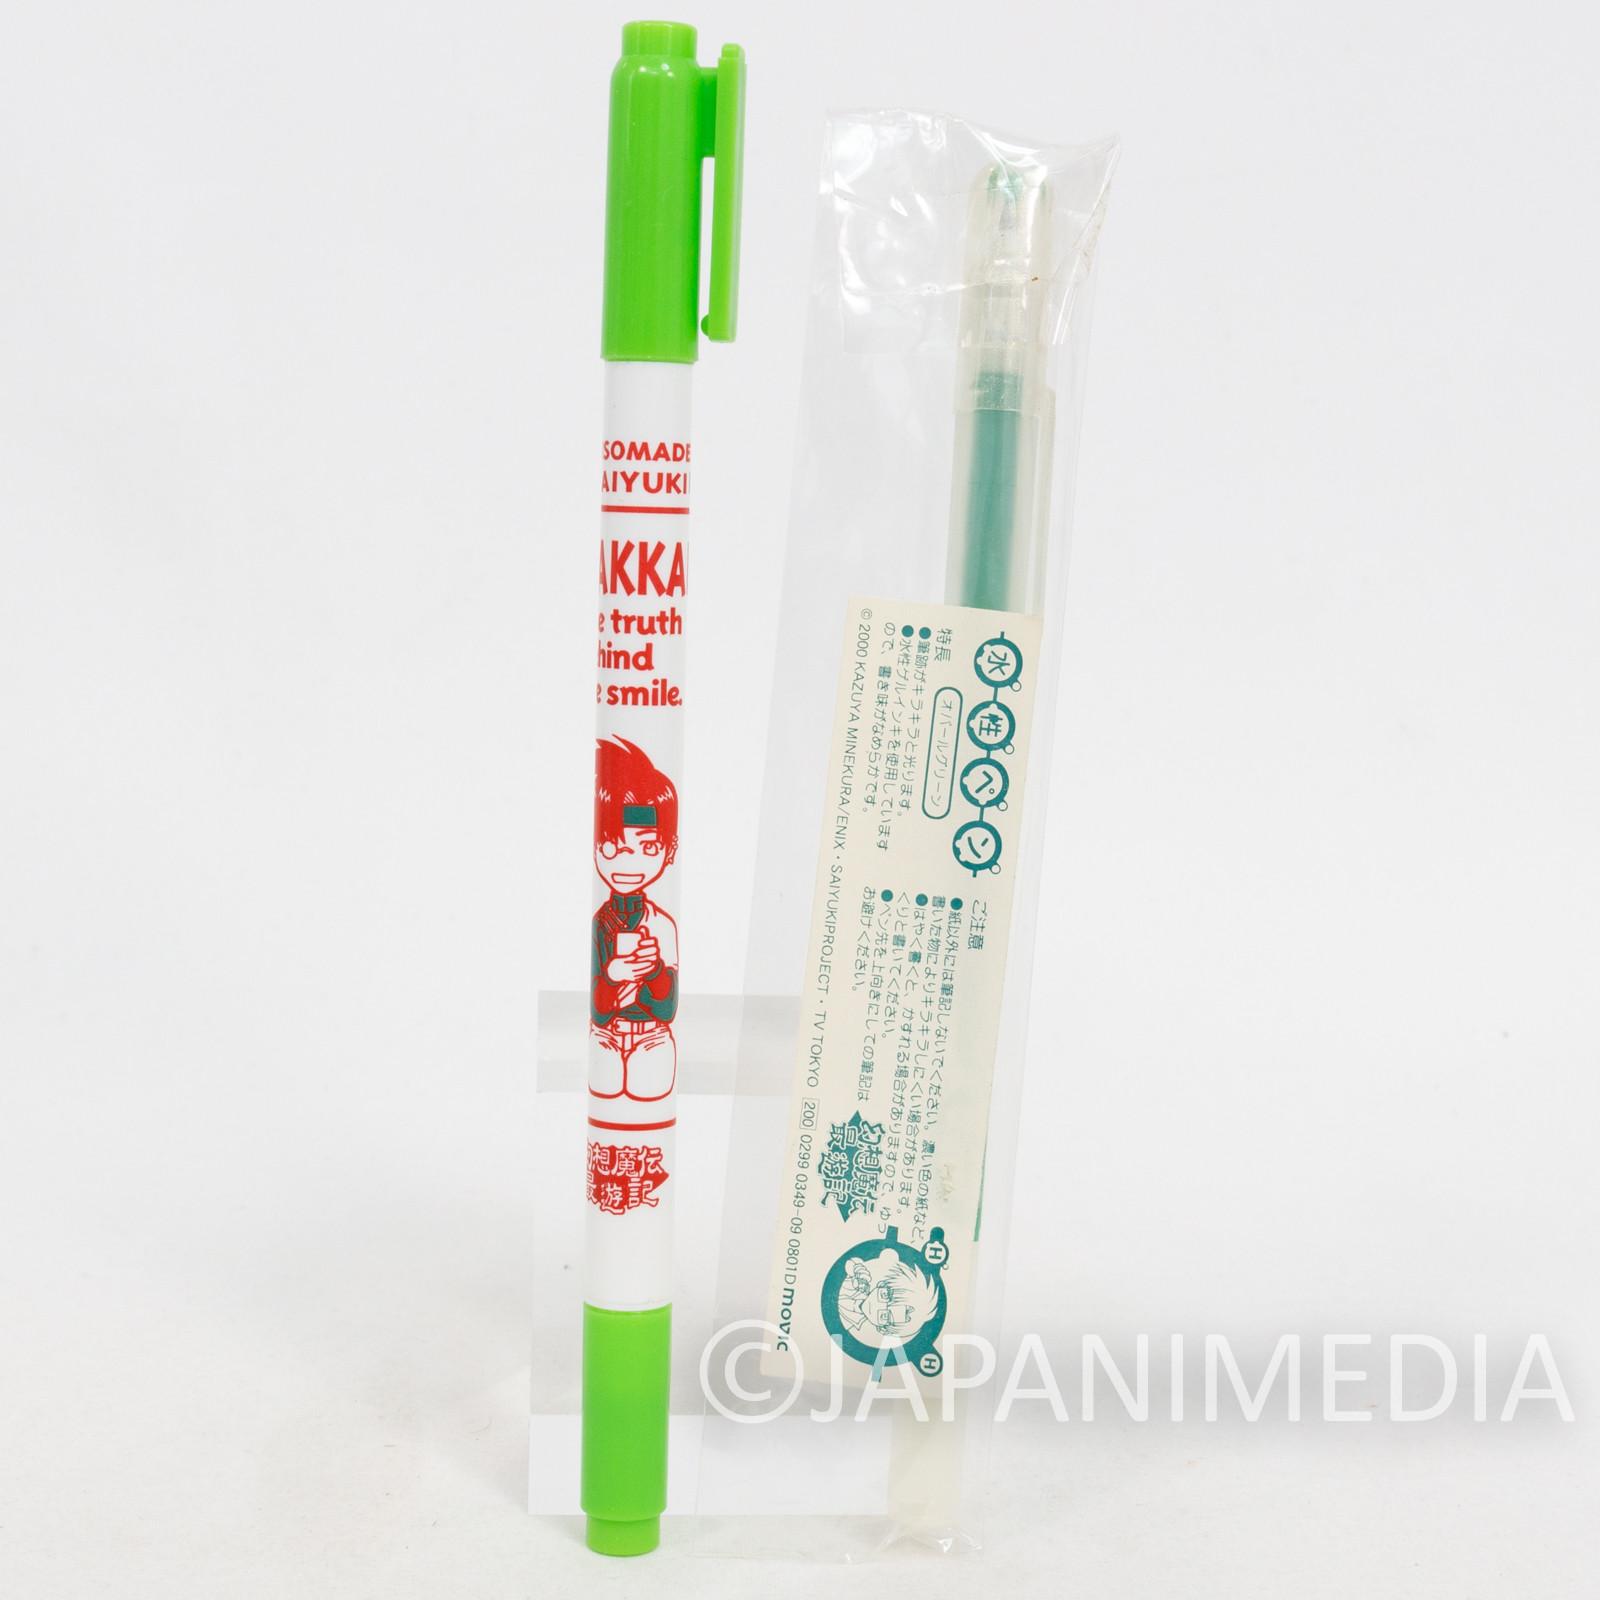 SAIYUKI Cho Hakkai Green Pen 2pc Set Movic Kazuya Minekura JAPAN